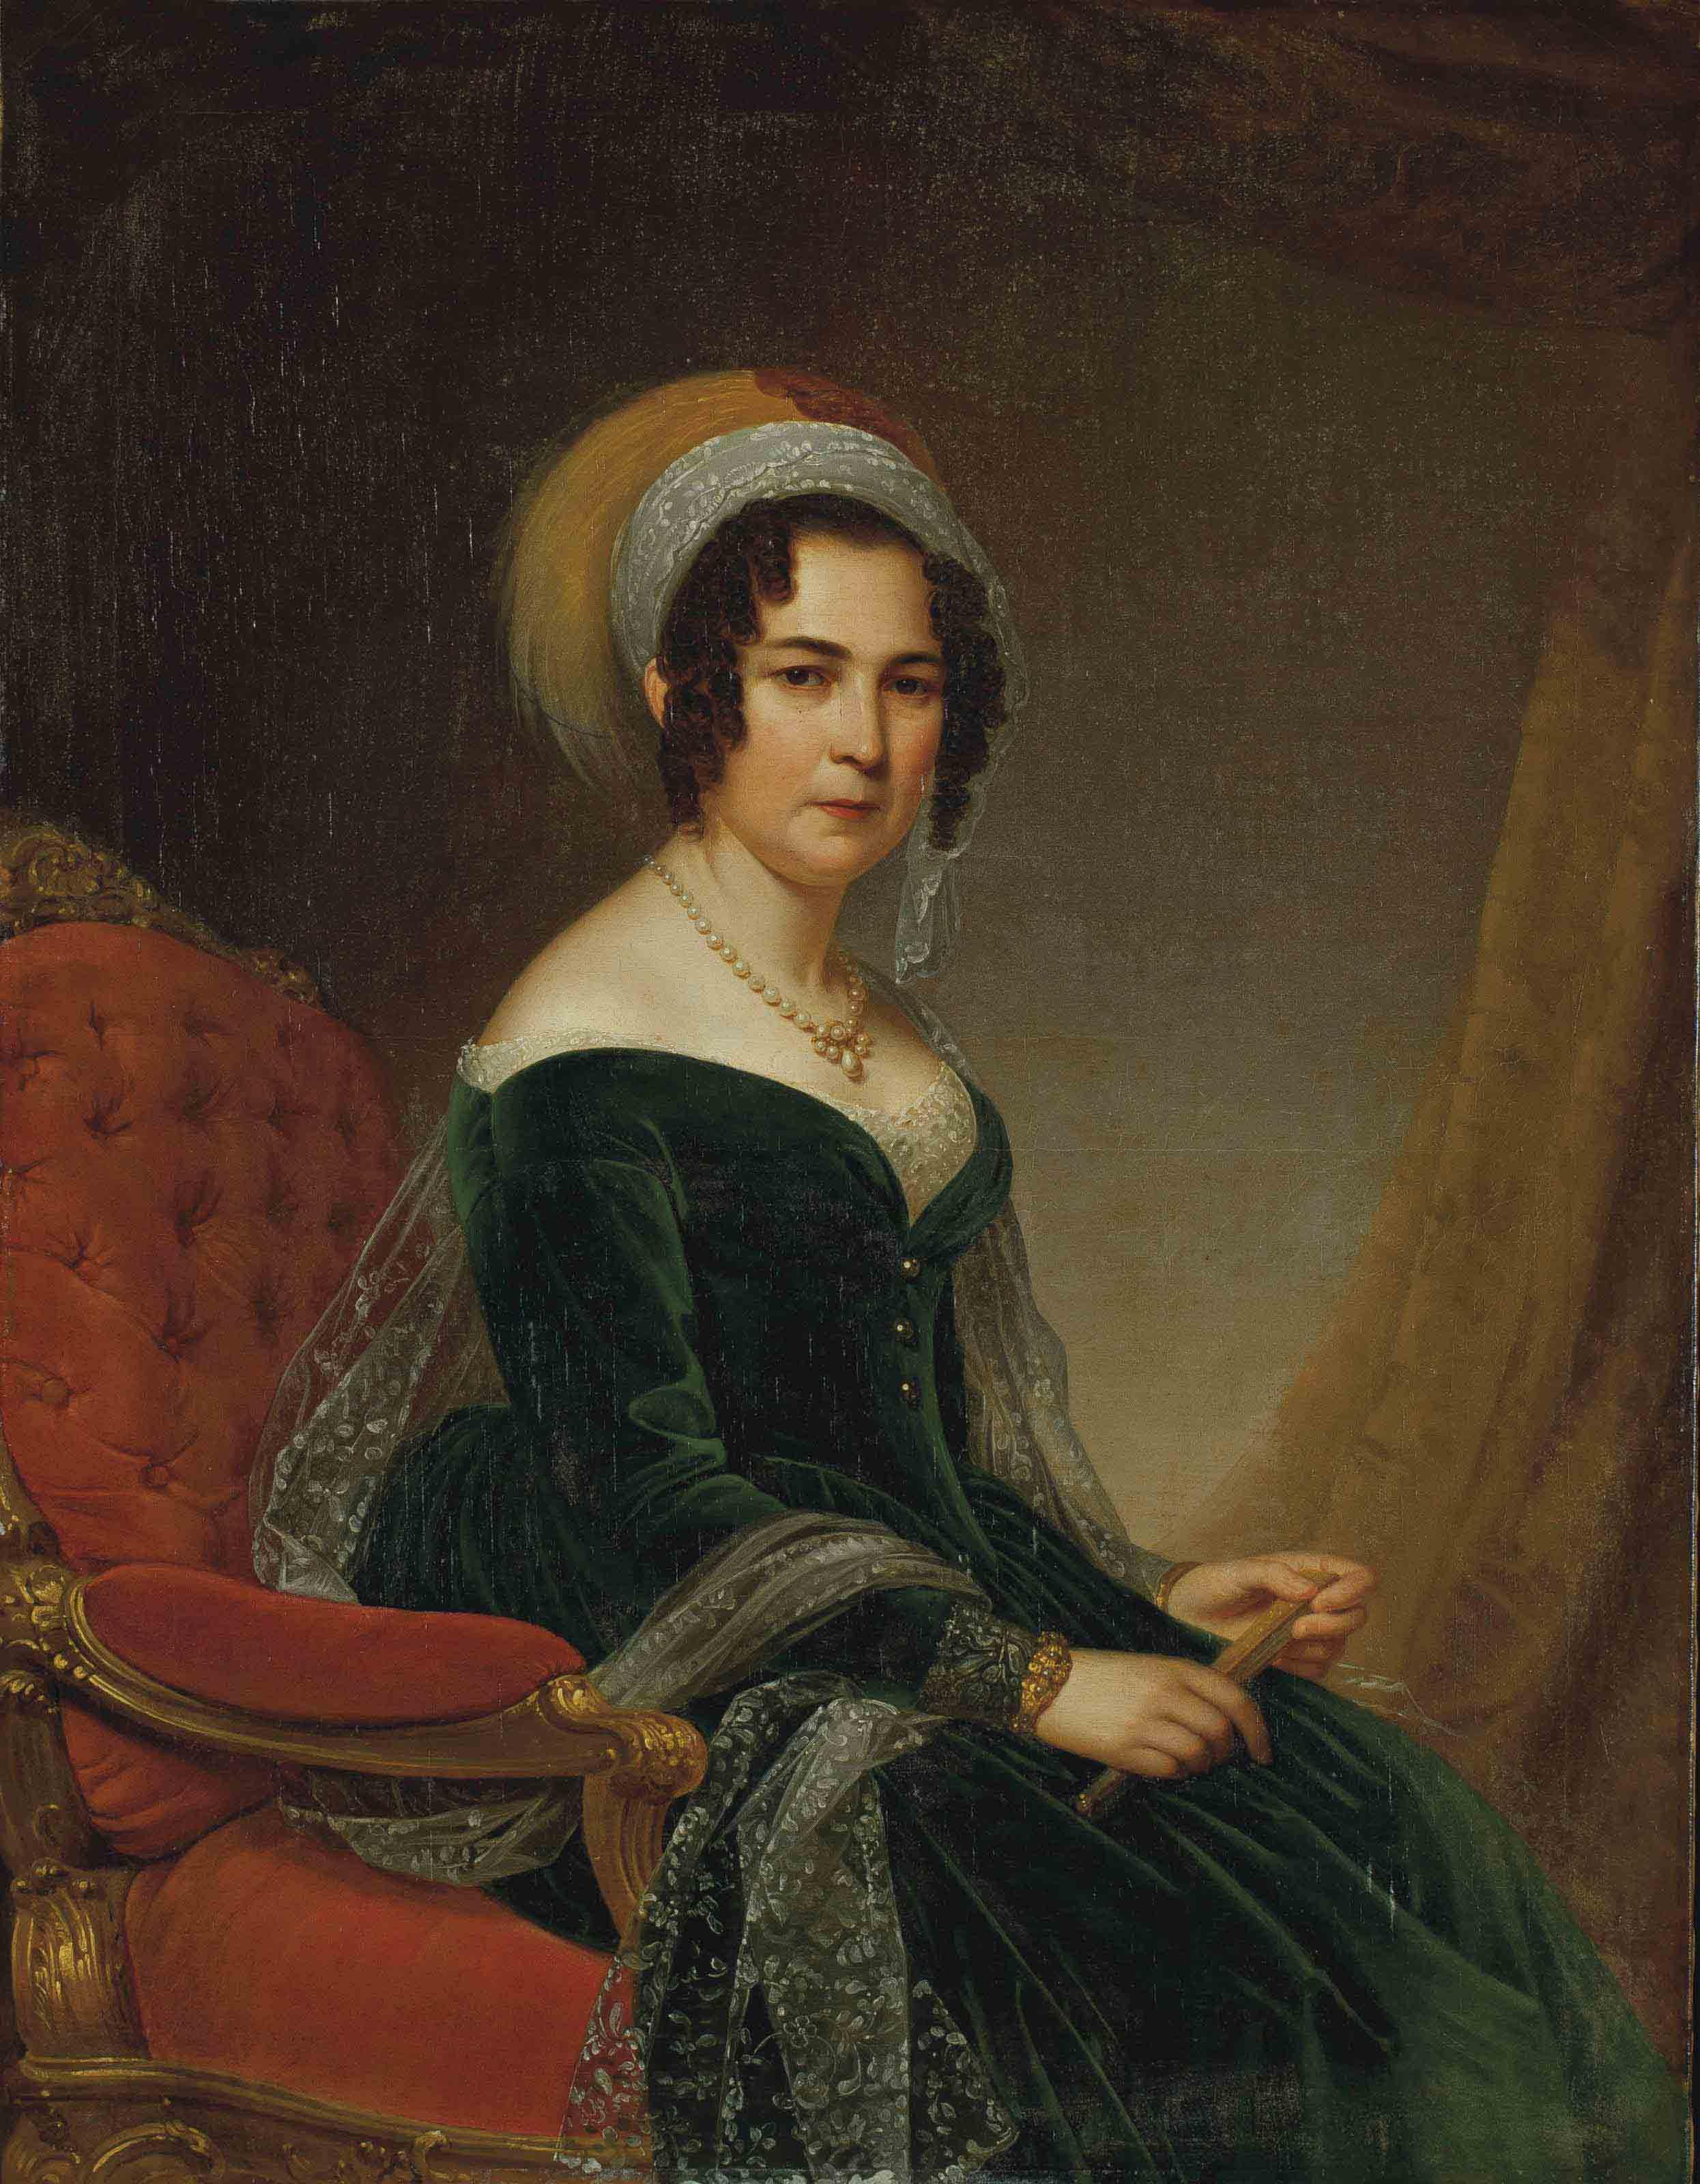 Dame au turban ou portrait de madame Moritz Koenigswarter, née Cécilia Wertheimer